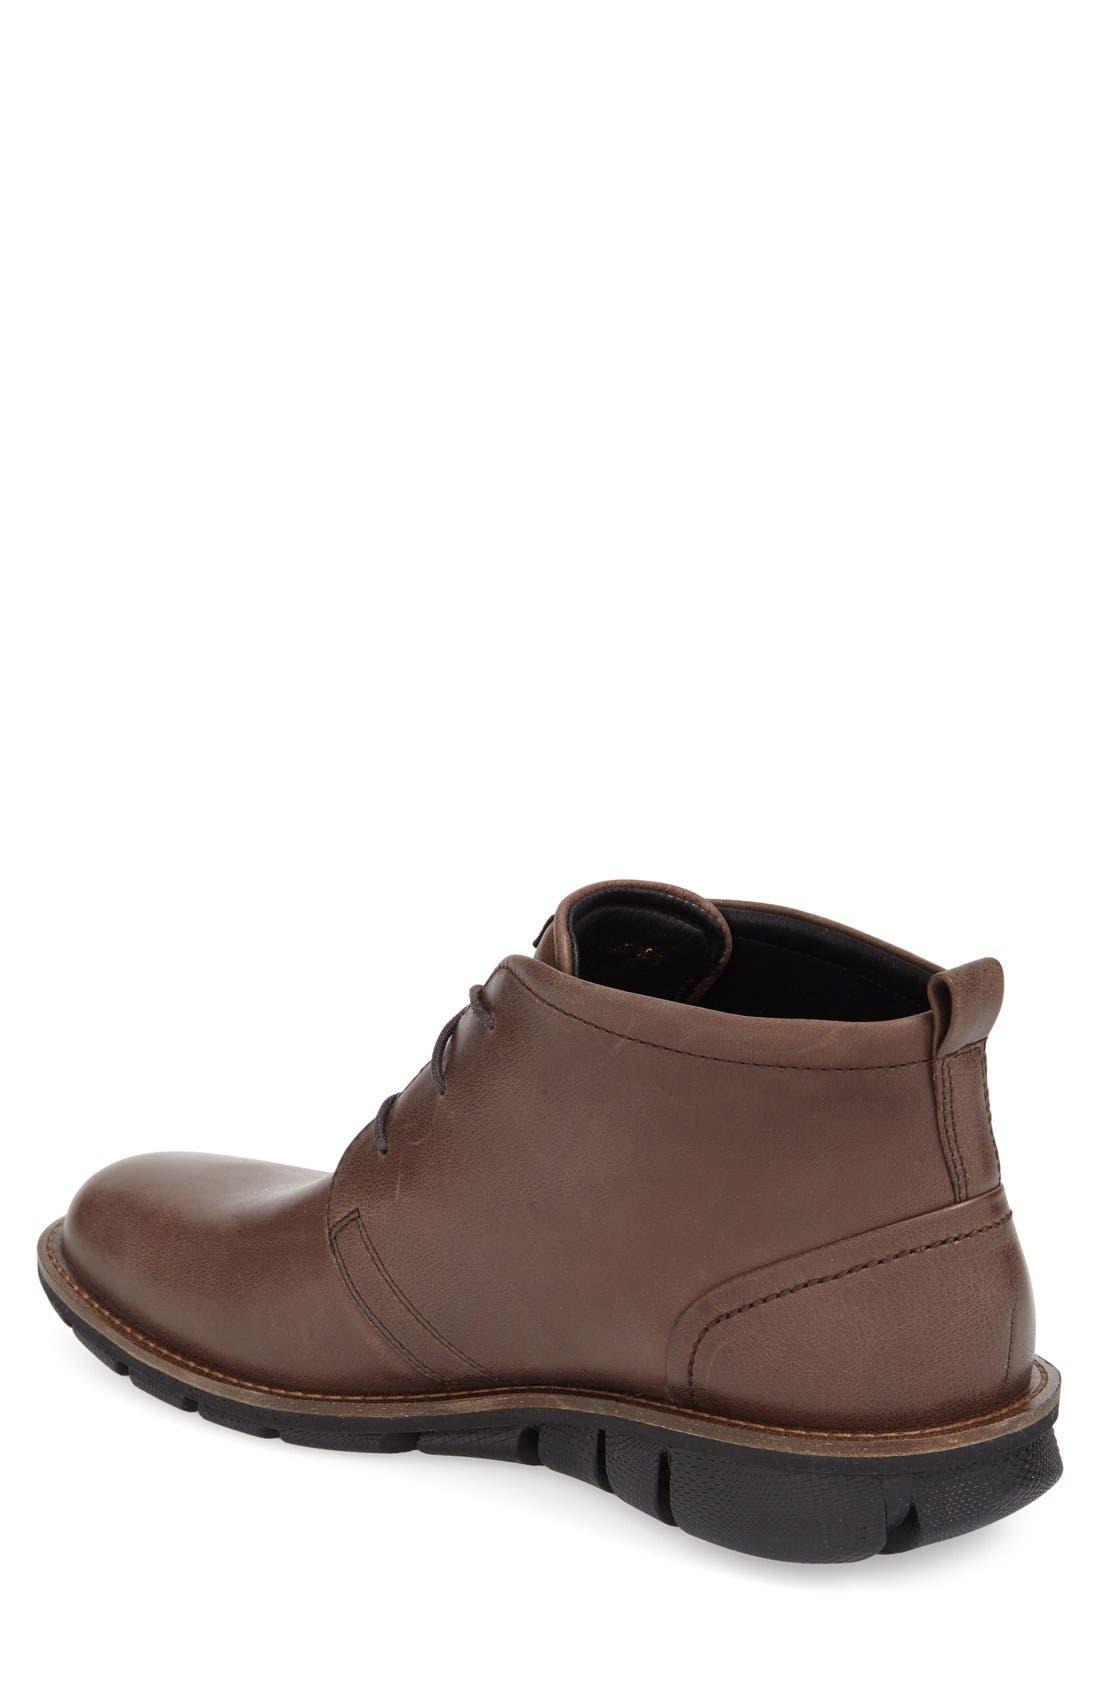 'Jeremy Hybrid' Plain Toe Boot,                             Alternate thumbnail 11, color,